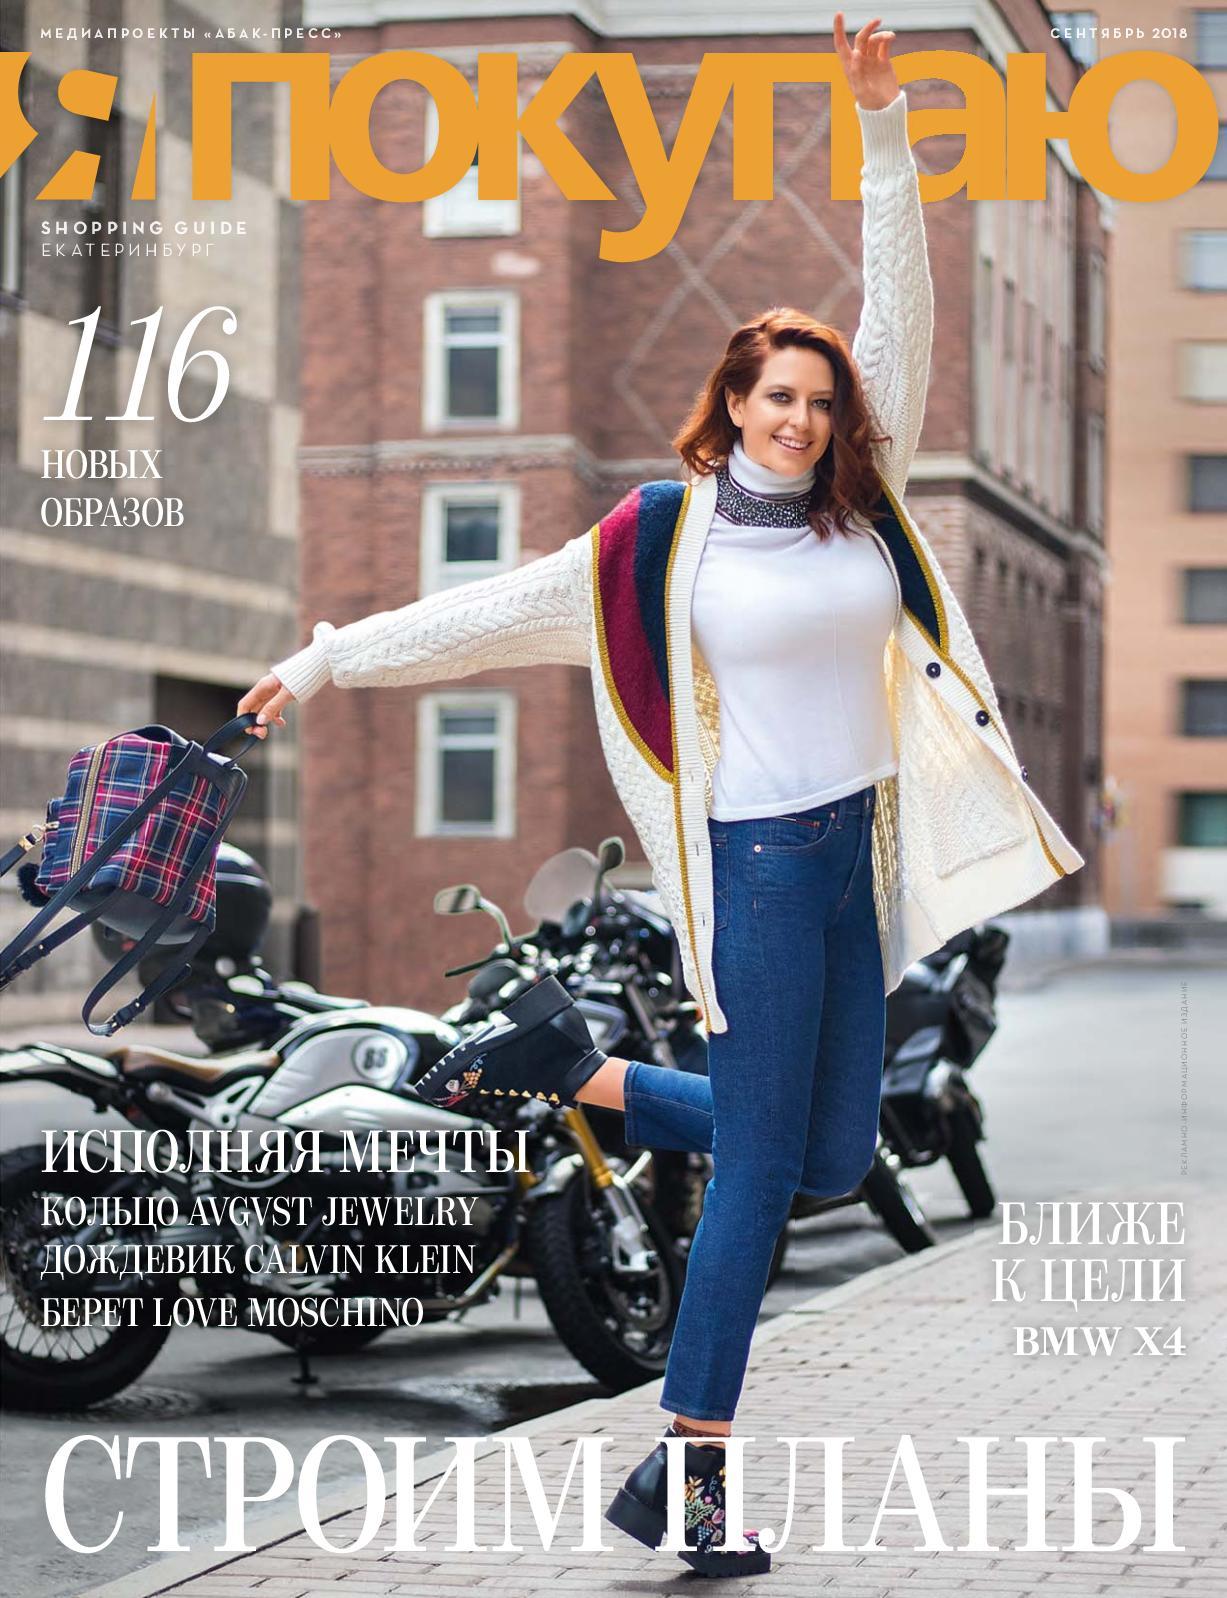 Calaméo - Электронная версия журнала «Я Покупаю. Екатеринбург», сентябрь —  2018 ce81f6040a2